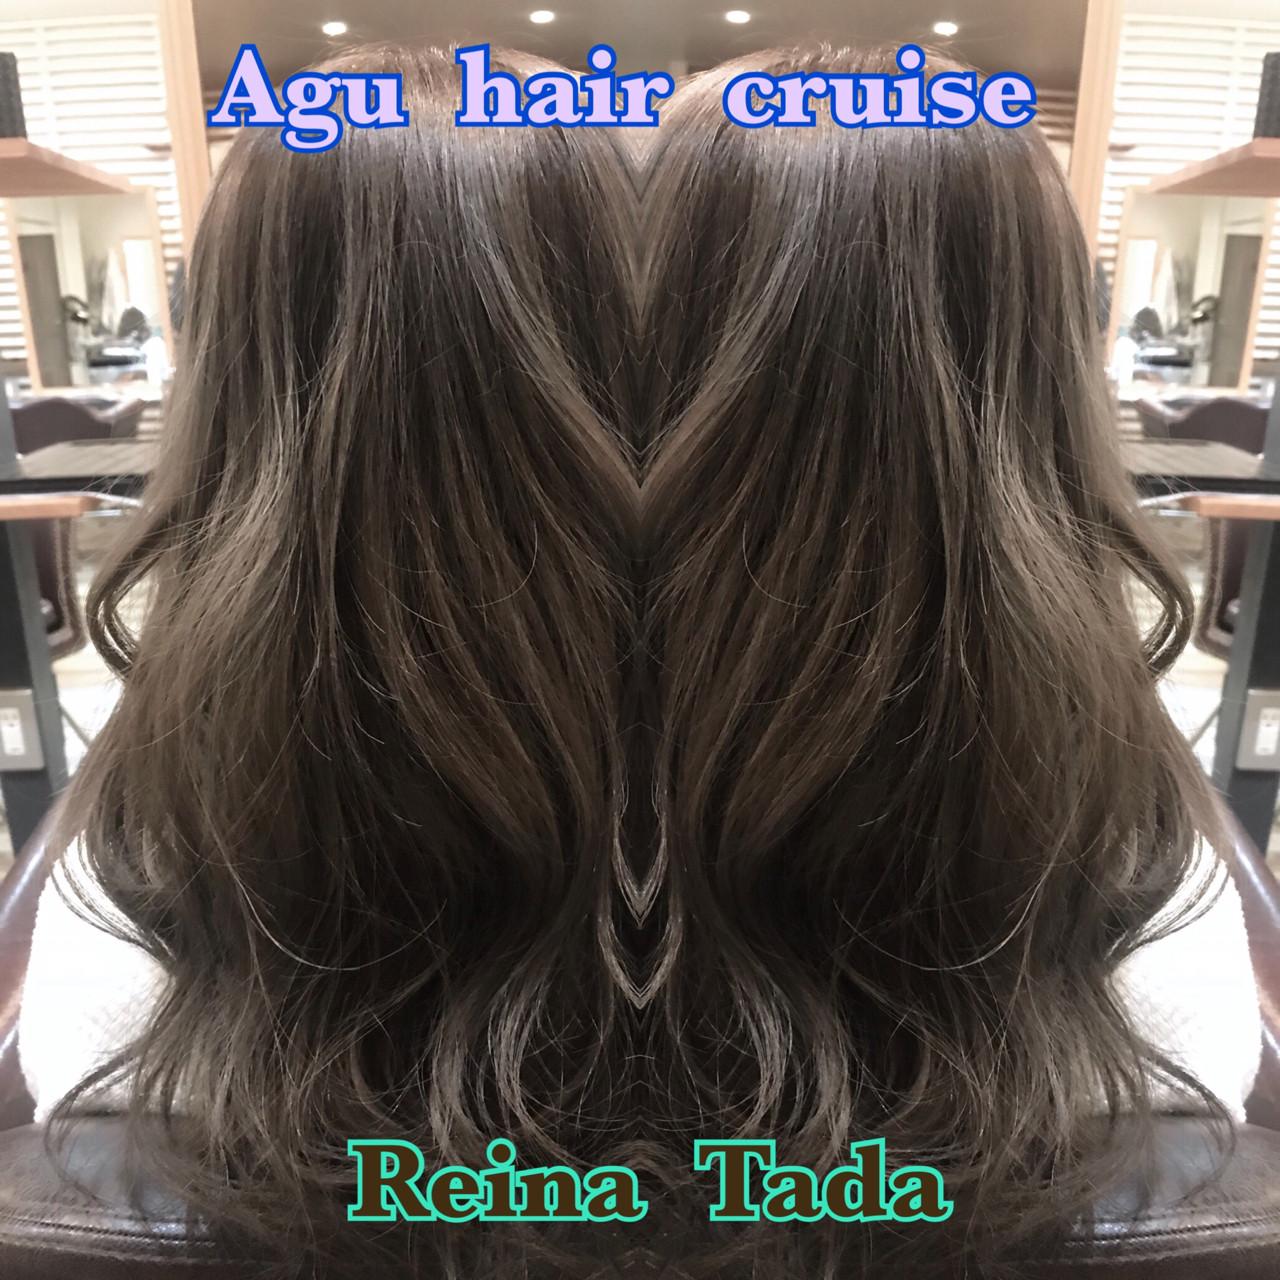 グレージュ♡♡ブリーチなしでも、しっかり赤味を消して透明感のある仕上がりに♡♡巻き髪との相性抜群です♡♡